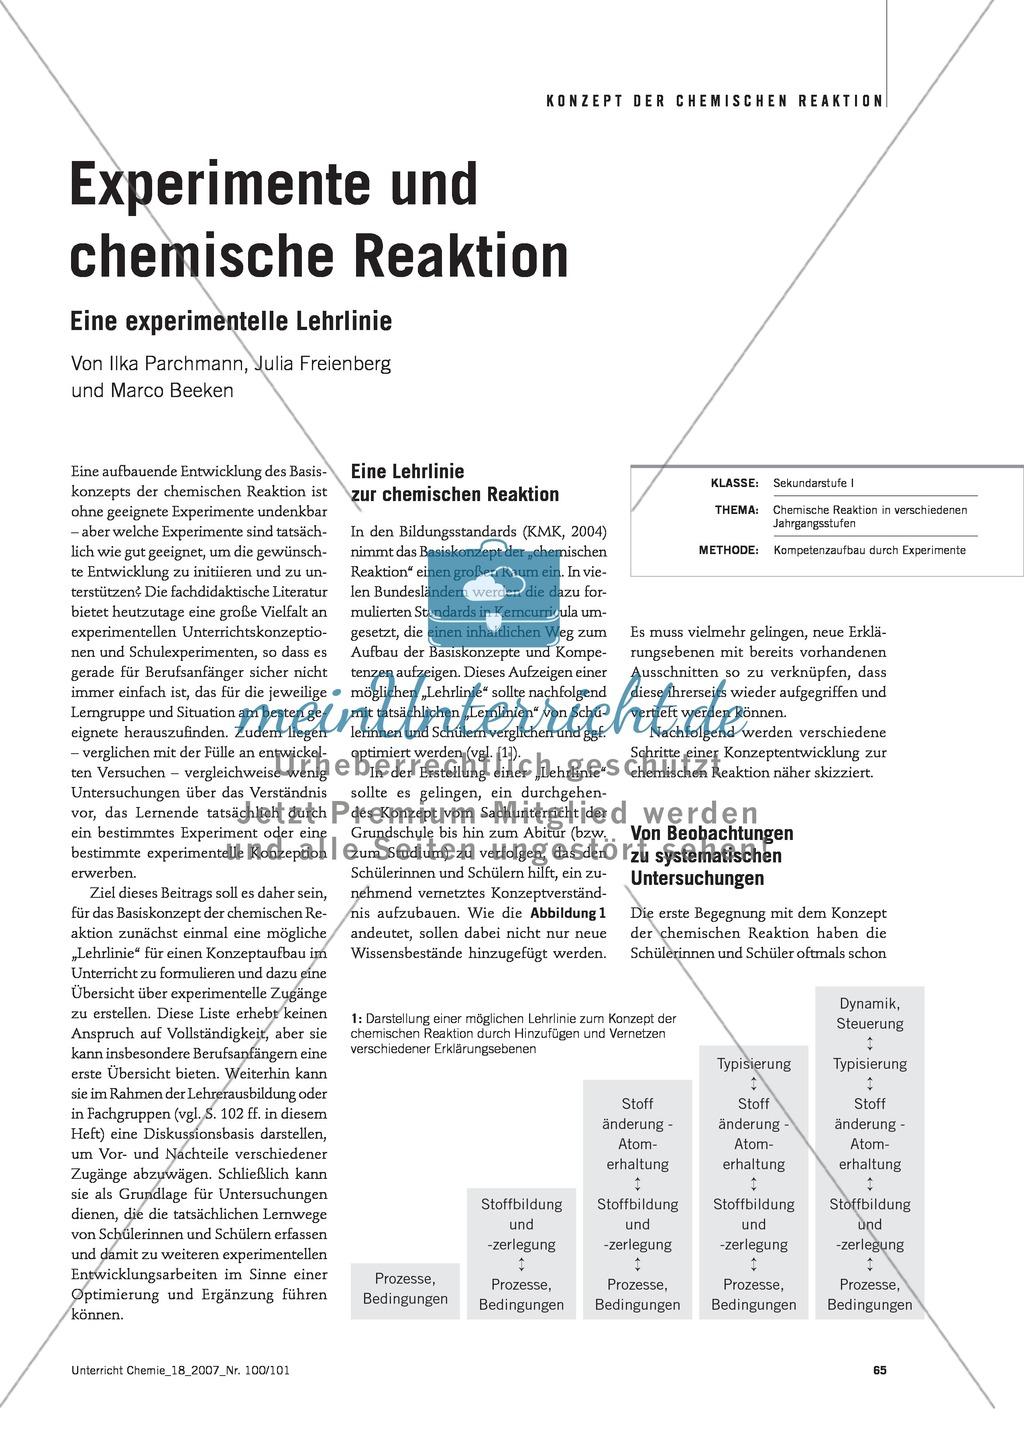 Experimentelle Lehrlinie zur chemischen Reaktion Preview 0